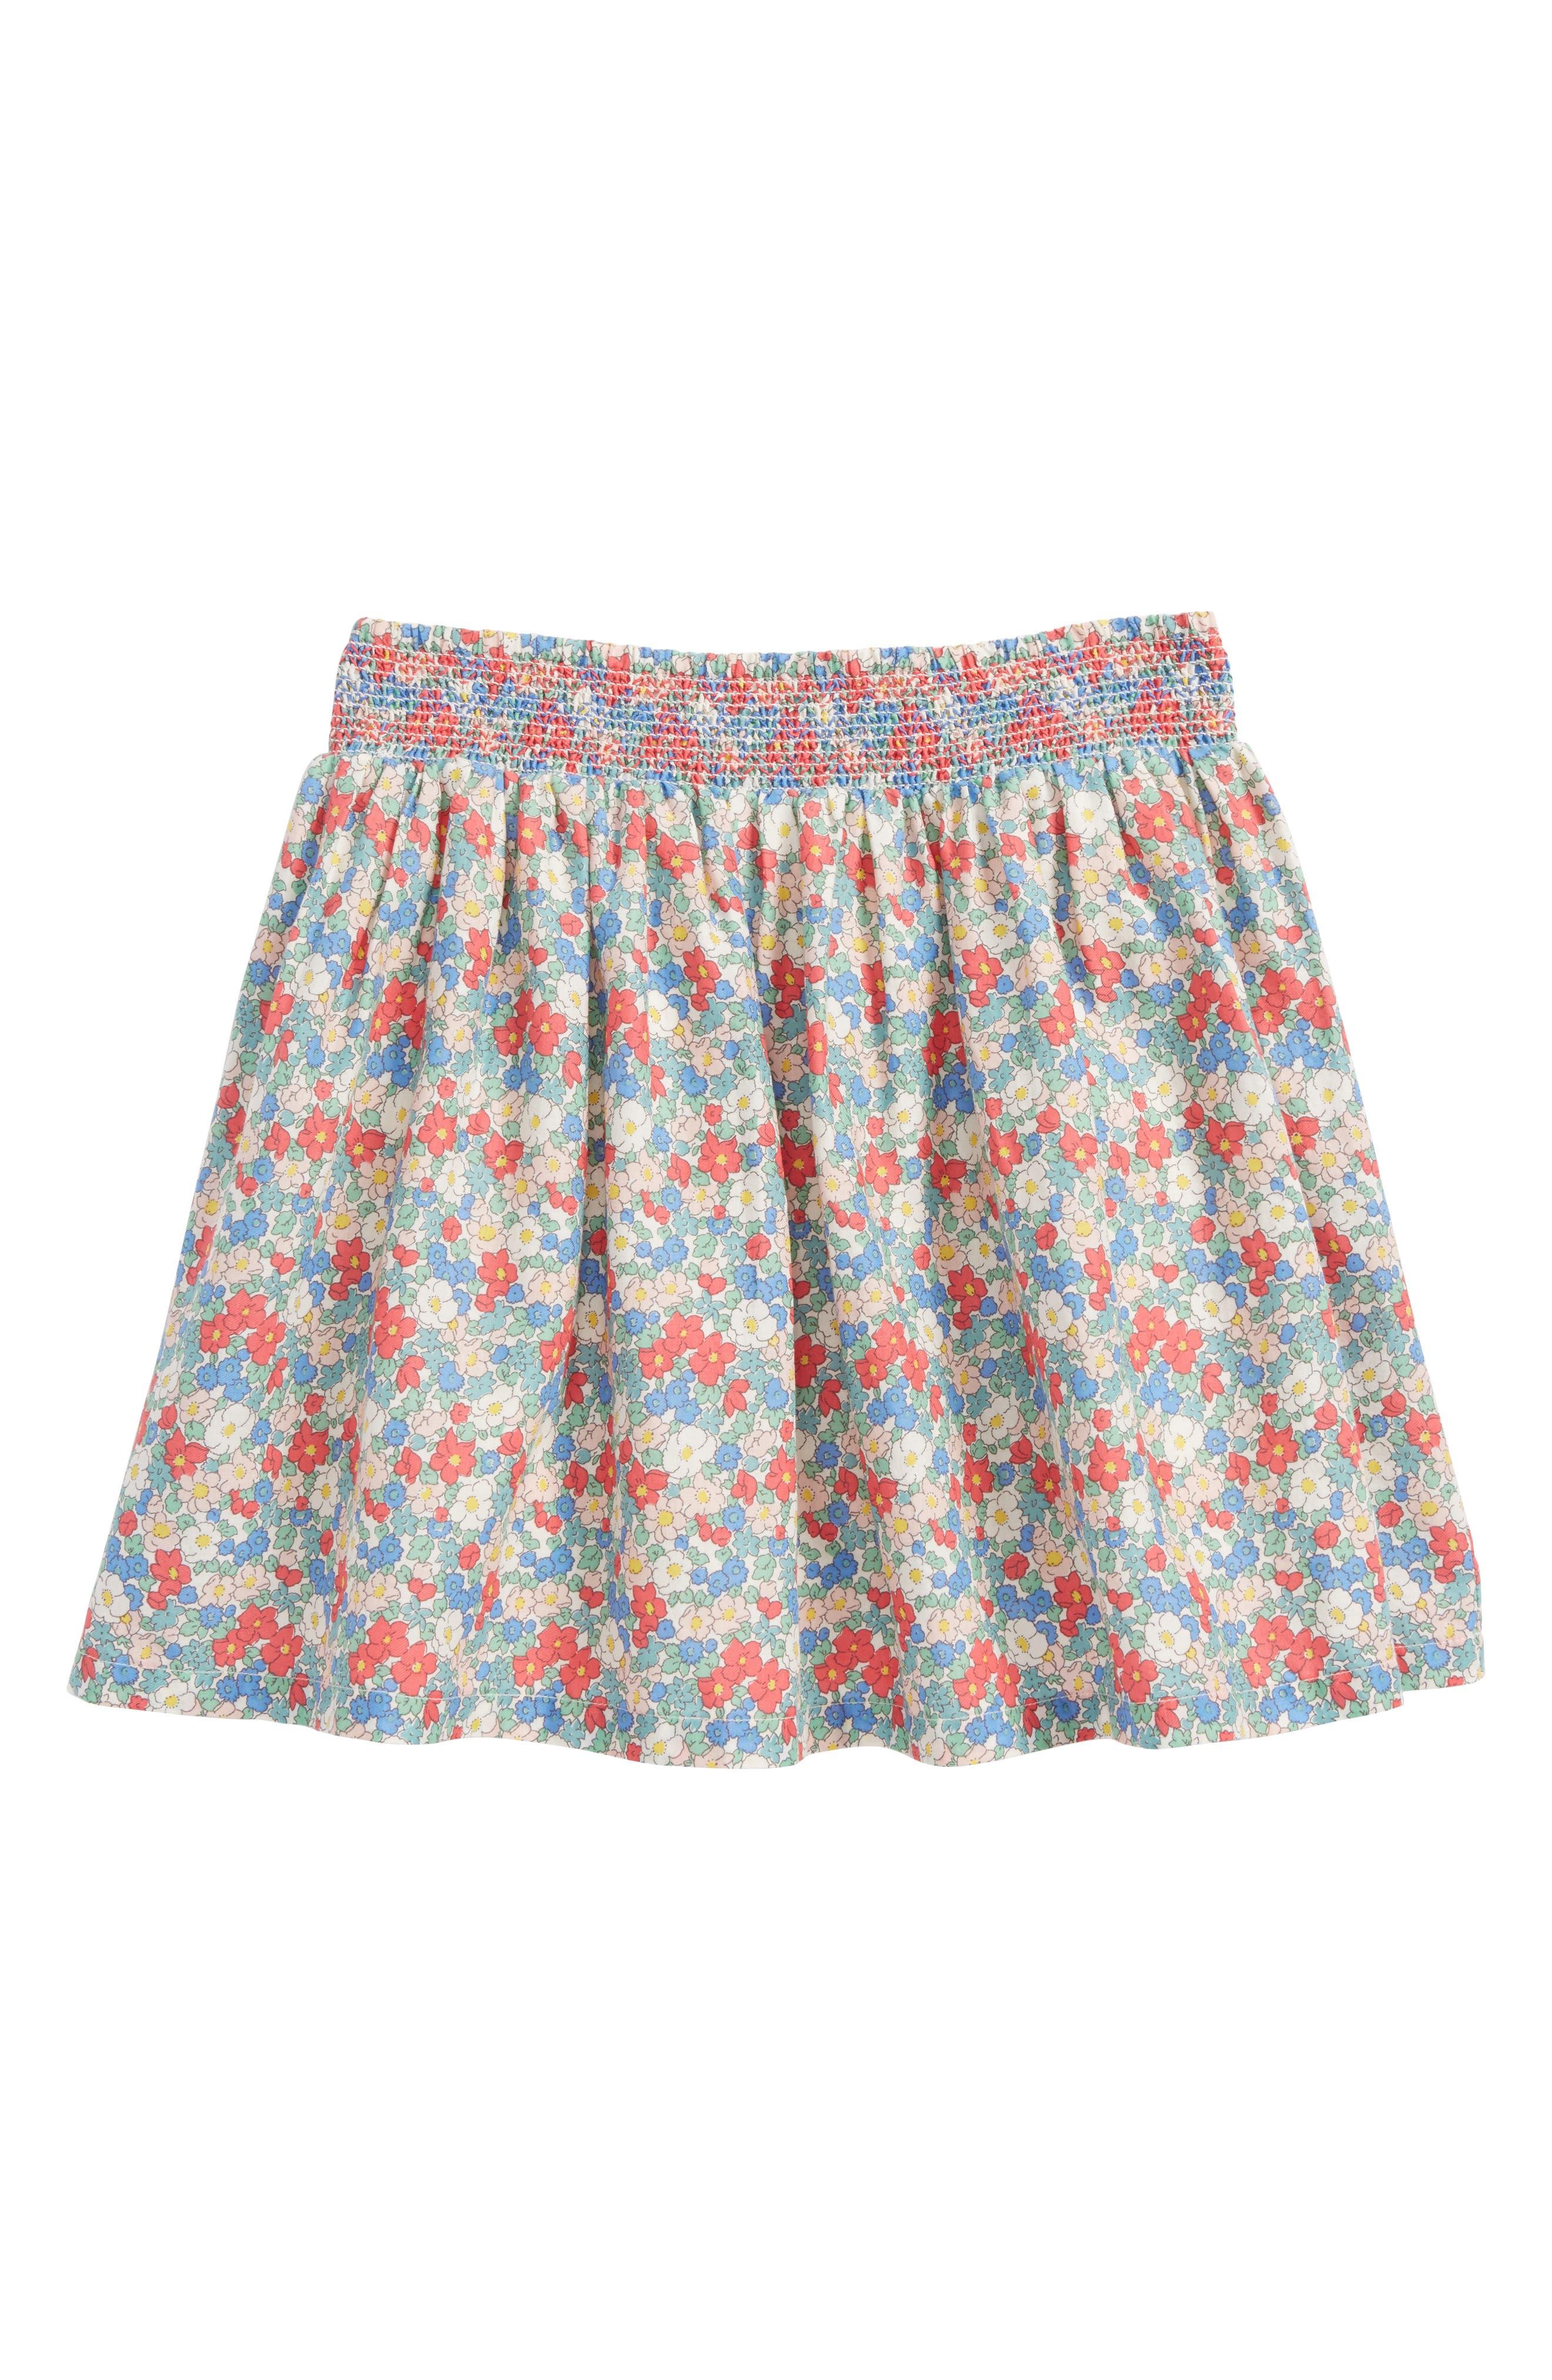 Floral Smocked Cotton Skirt,                         Main,                         color, Multi Vintage Floral Mul